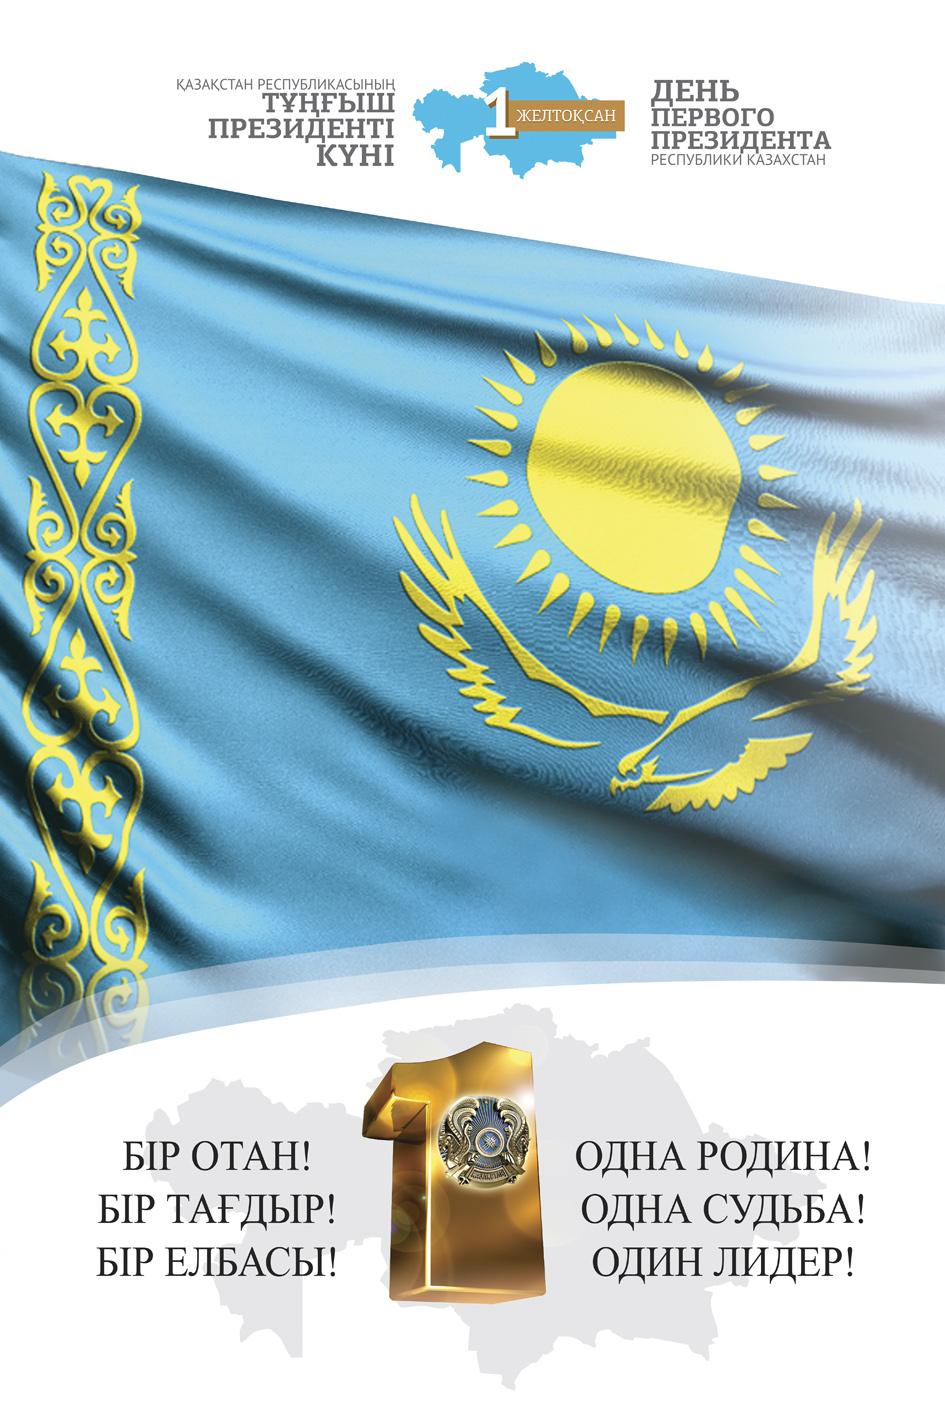 День президента казахстана открытки, прошлом смыслом